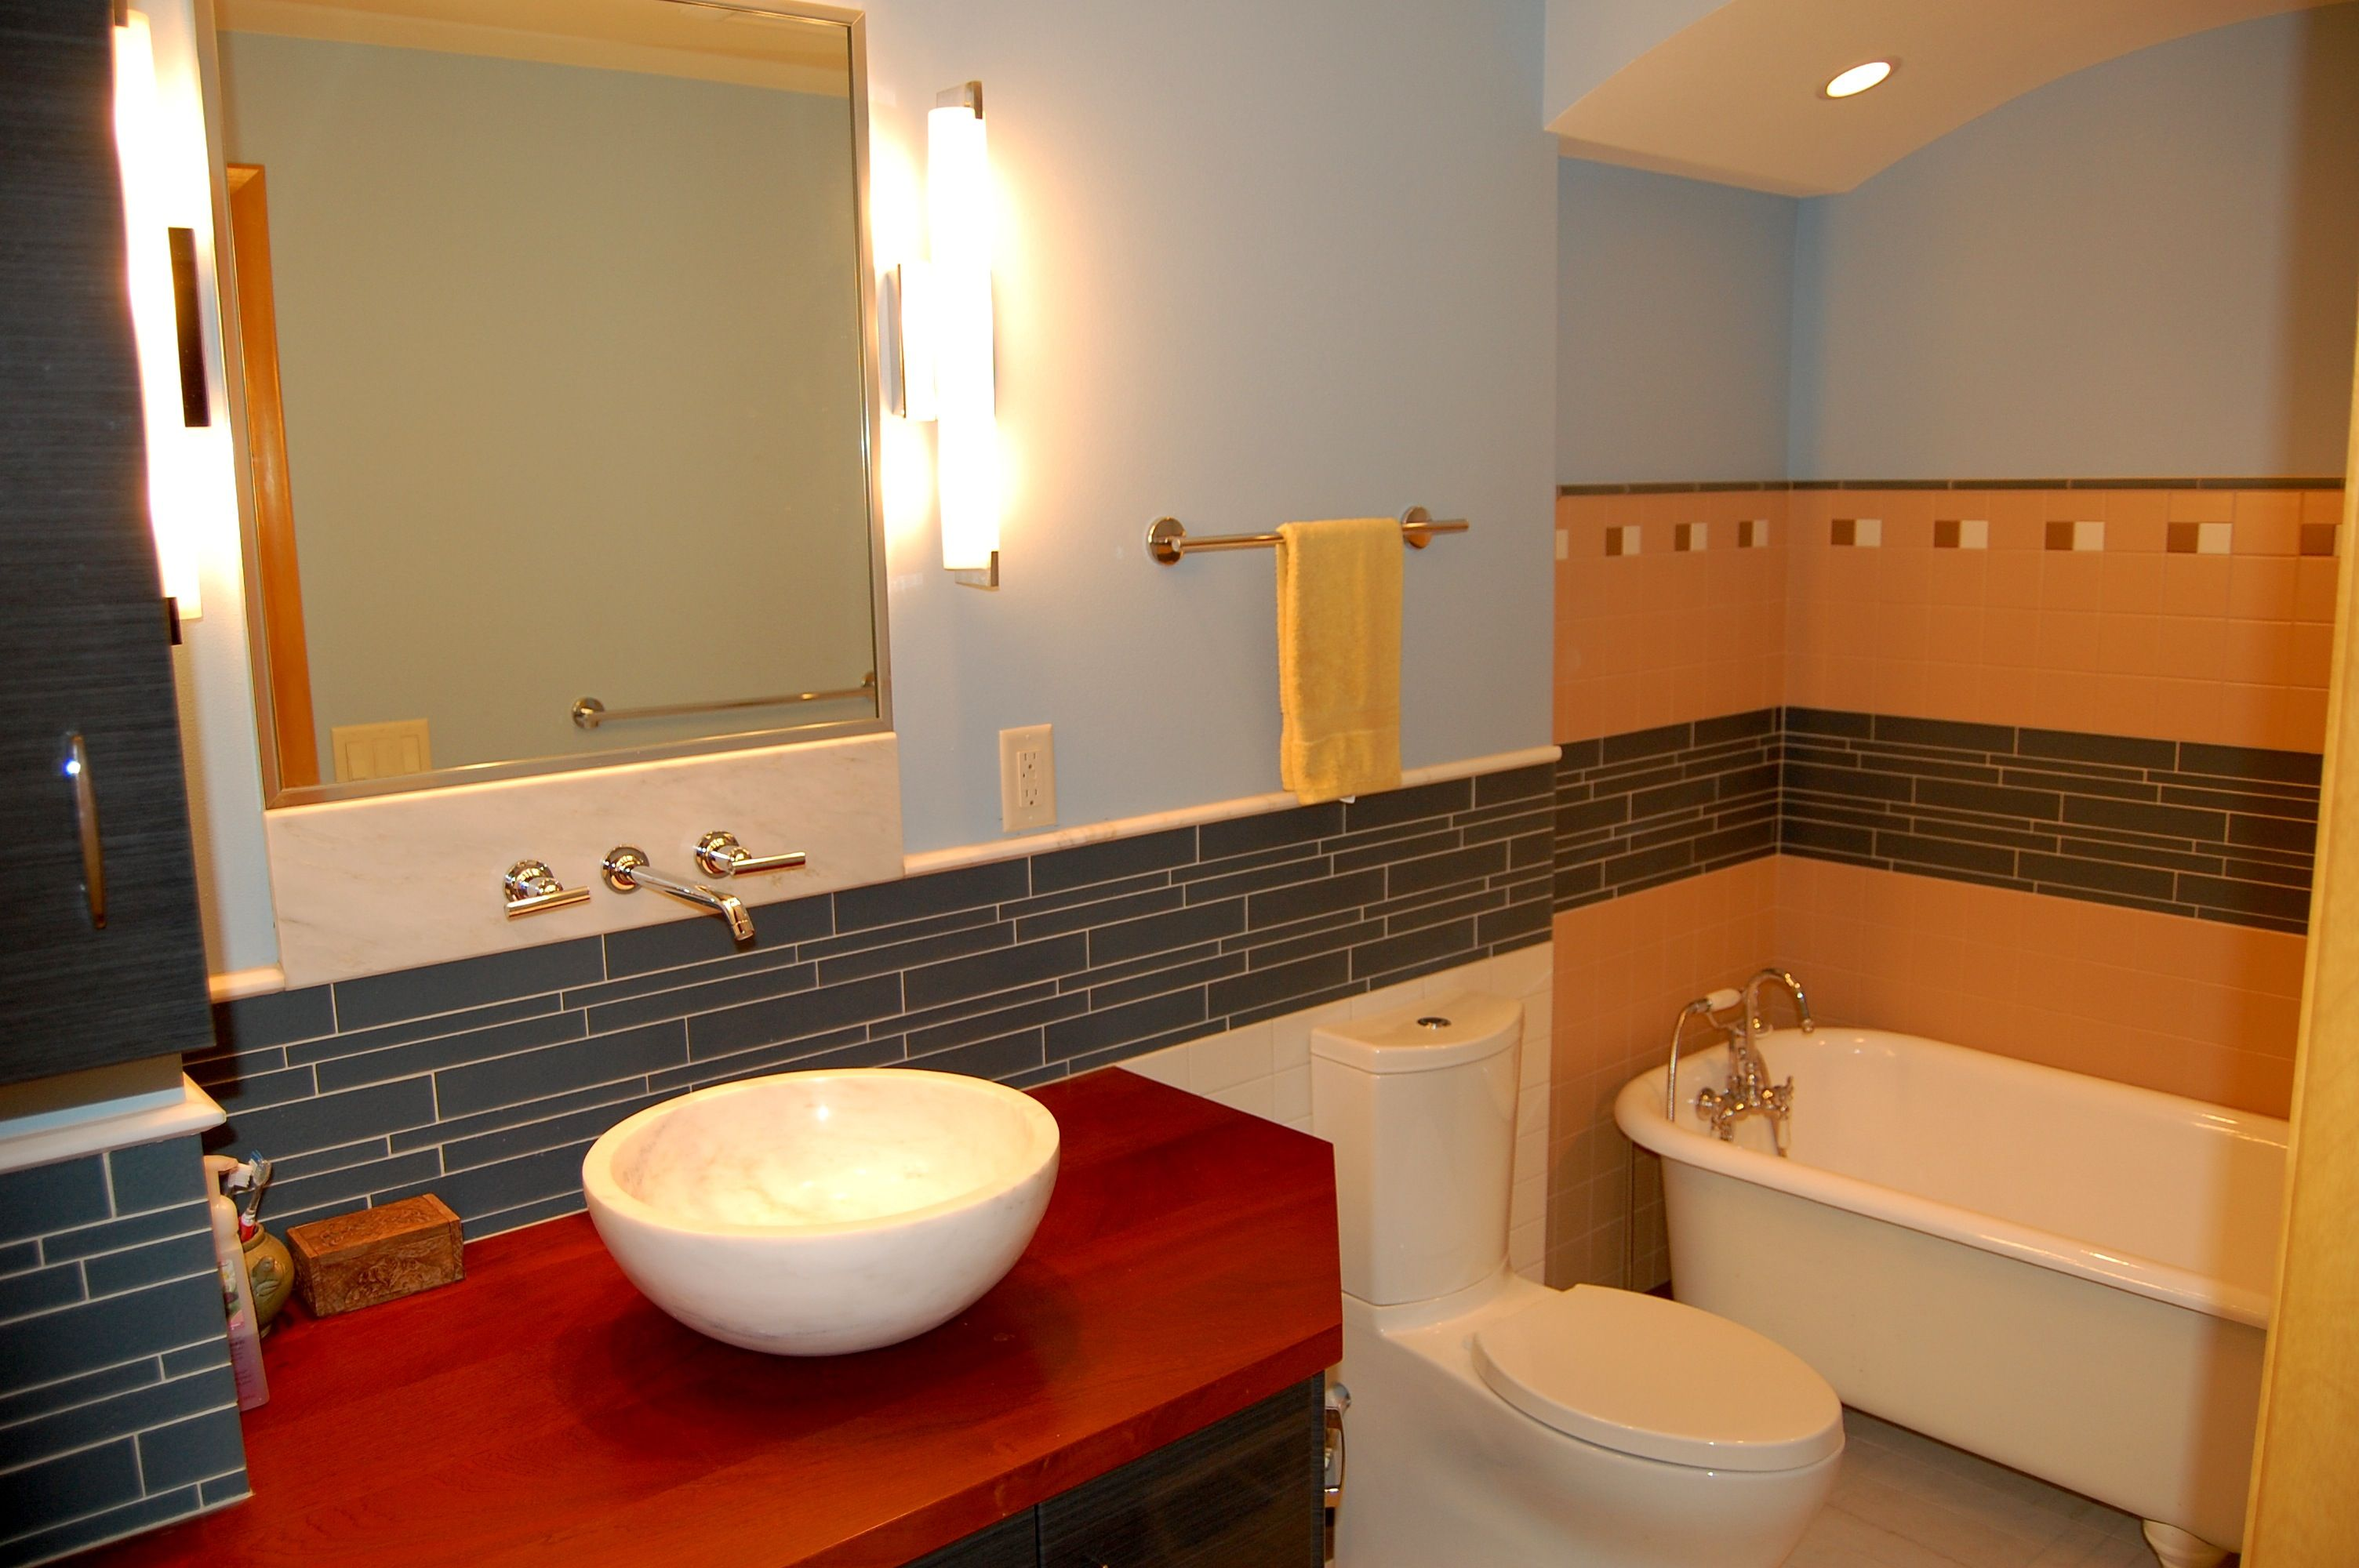 Kitchen Ideas Center - Bathroom http://www.kitchenideascenter.com